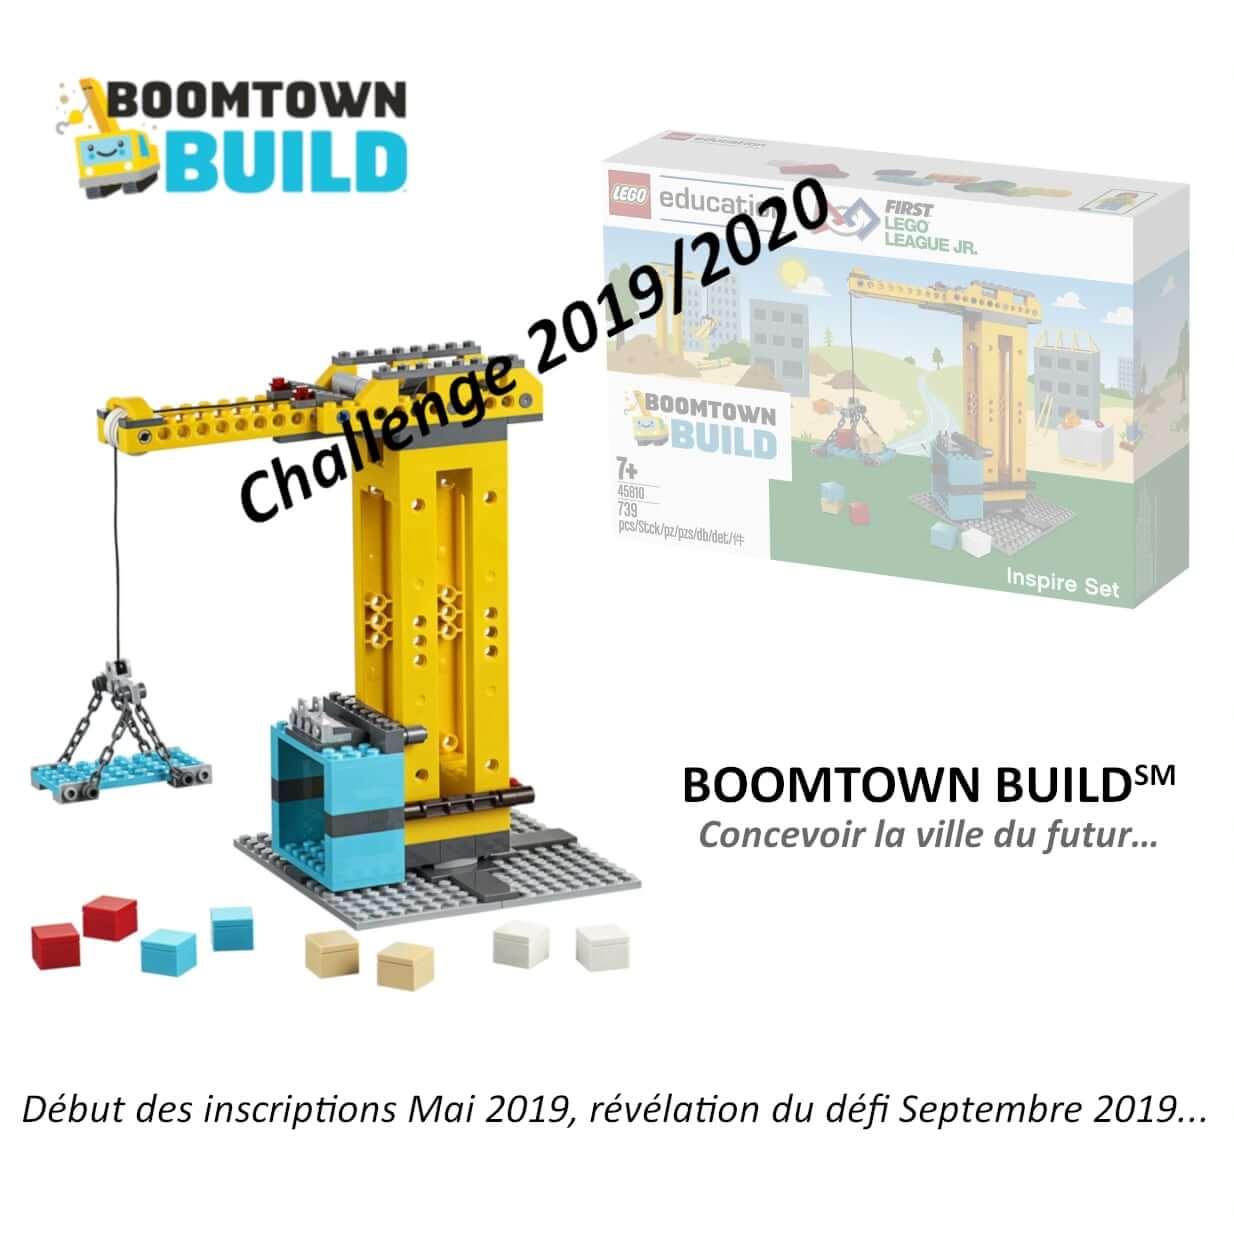 Boomtown-build Challenge FLL Junior 2019-2020